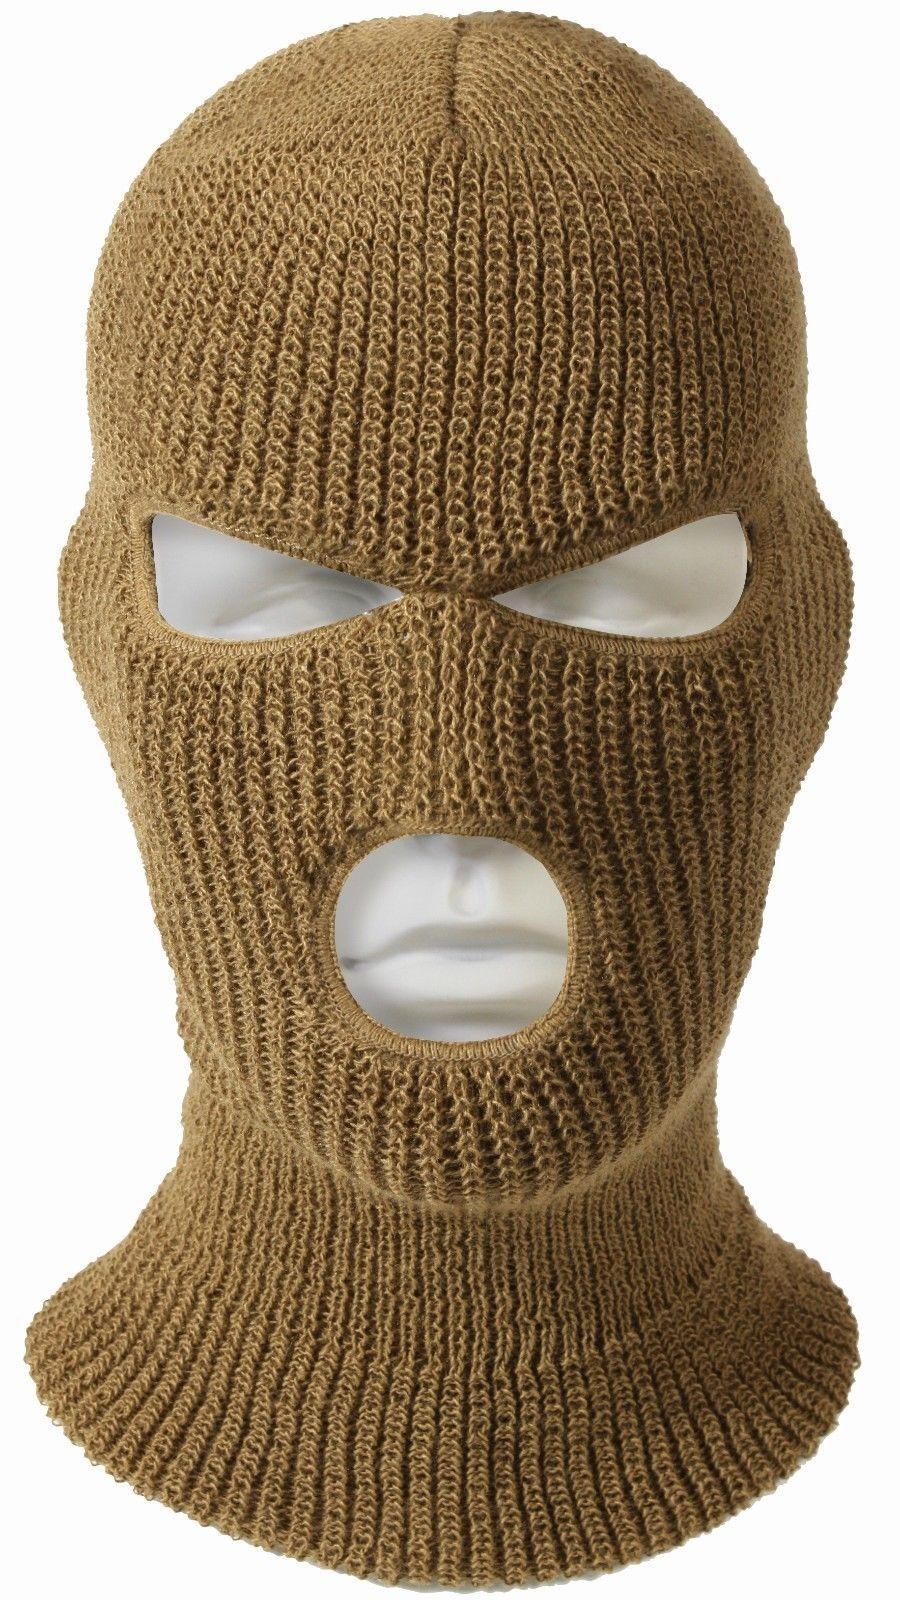 3 Hole Face Mask Ski Mask Winter Cap Balaclava Hood Army Tactical Mask USA  MADE 122f0342e13